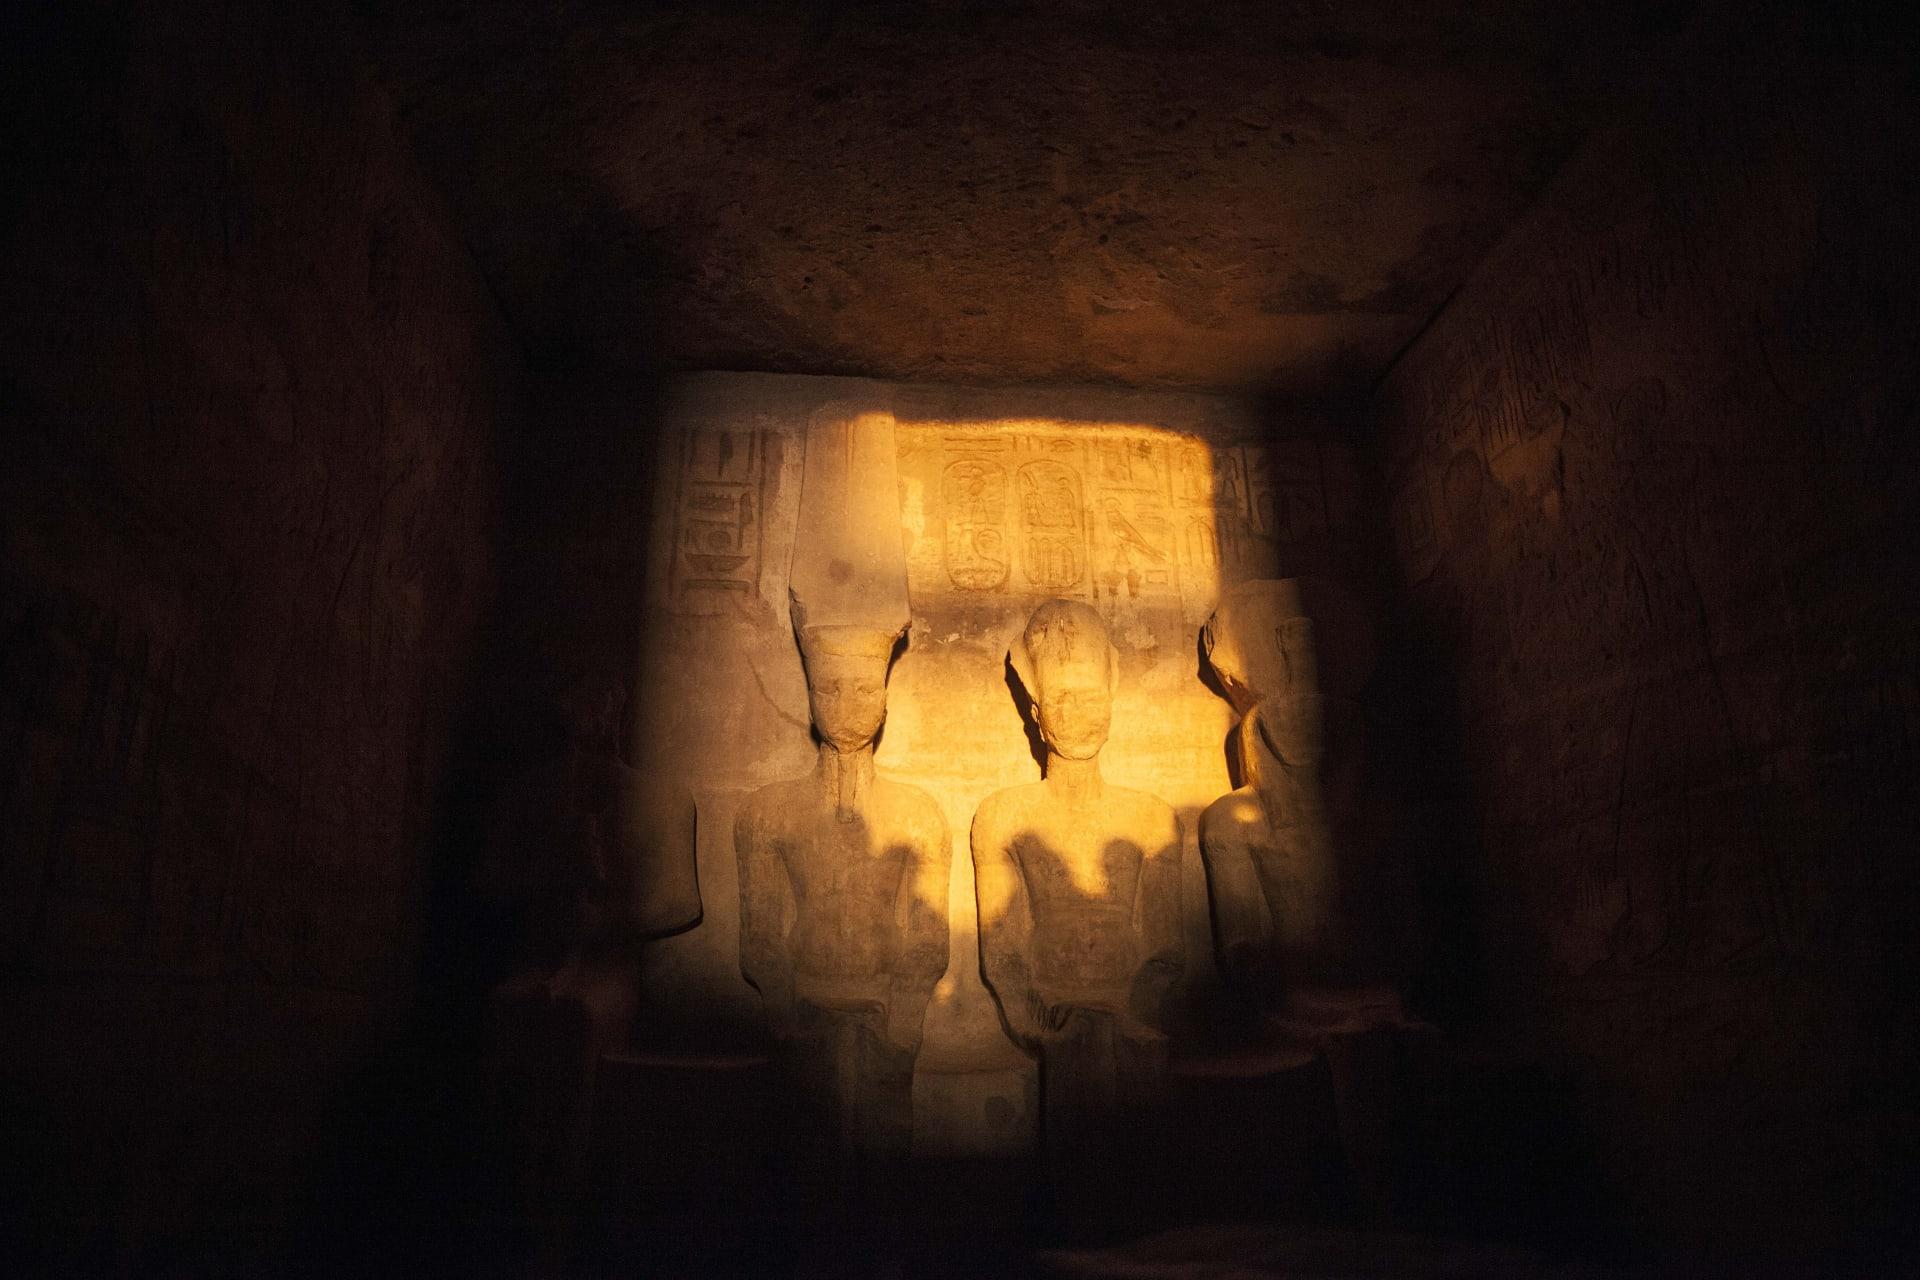 ظاهرة استمرت لقرون.. الشمس تتعامد على وجه الملك رمسيس بمعبد أبو سمبل